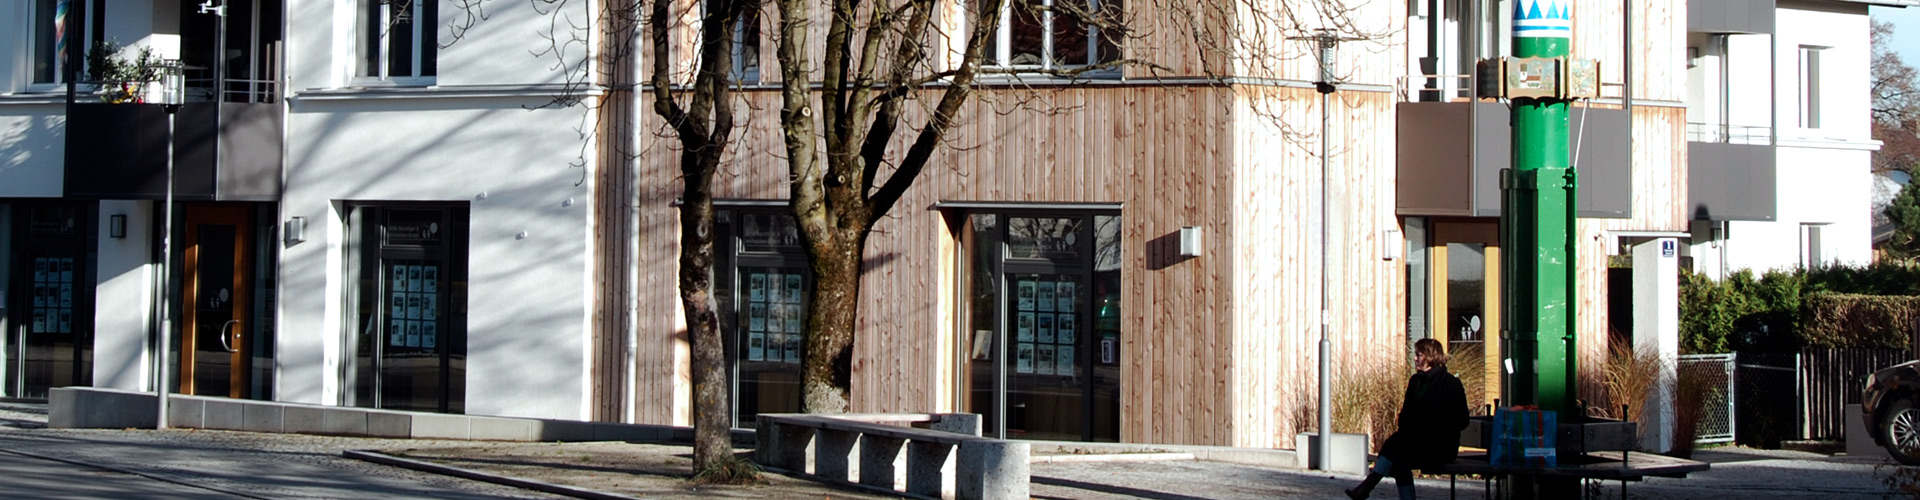 Ritter Bauträger & Immobilien GmbH München Süd